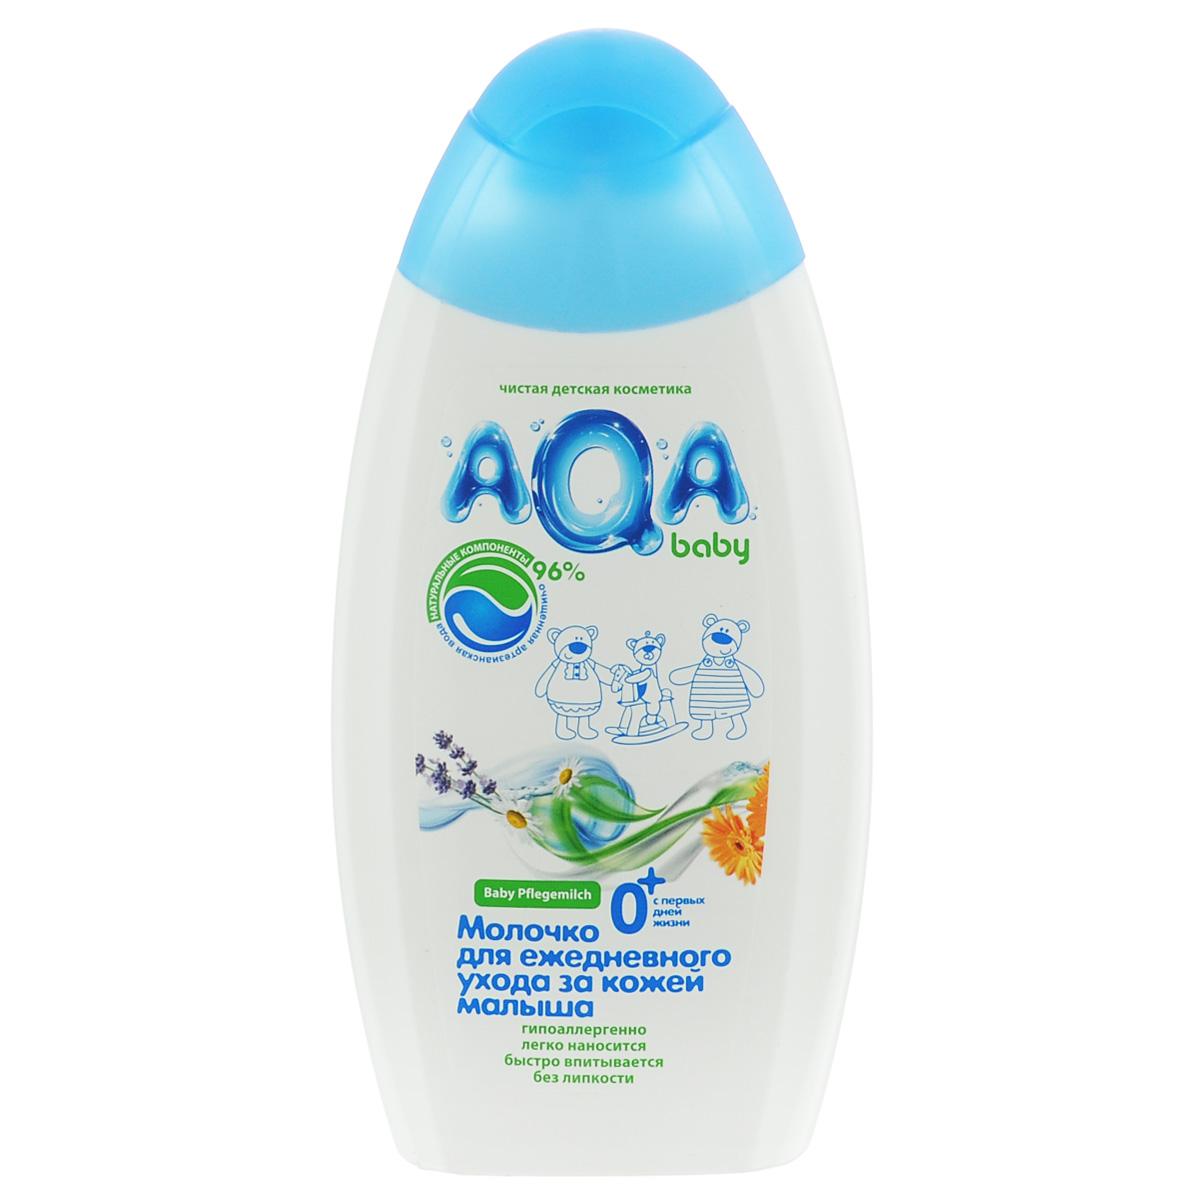 AQA baby Молочко для ежедневного ухода за кожей малышаFS-00897Бархатистое молочко для новорожденных специально создано для увлажнения кожи после купания, при сухости и шелушении. Легко наносится на тело, быстро впитывается без липкости. Обогащено натуральным маслом подсолнечника, экстрактом ромашки, лаванды, календулы и бисабололом, благотворно влияющими на нежную кожу.На 96% состоит из натуральных компонентов. Гипоаллергенное. Используется с рождения.